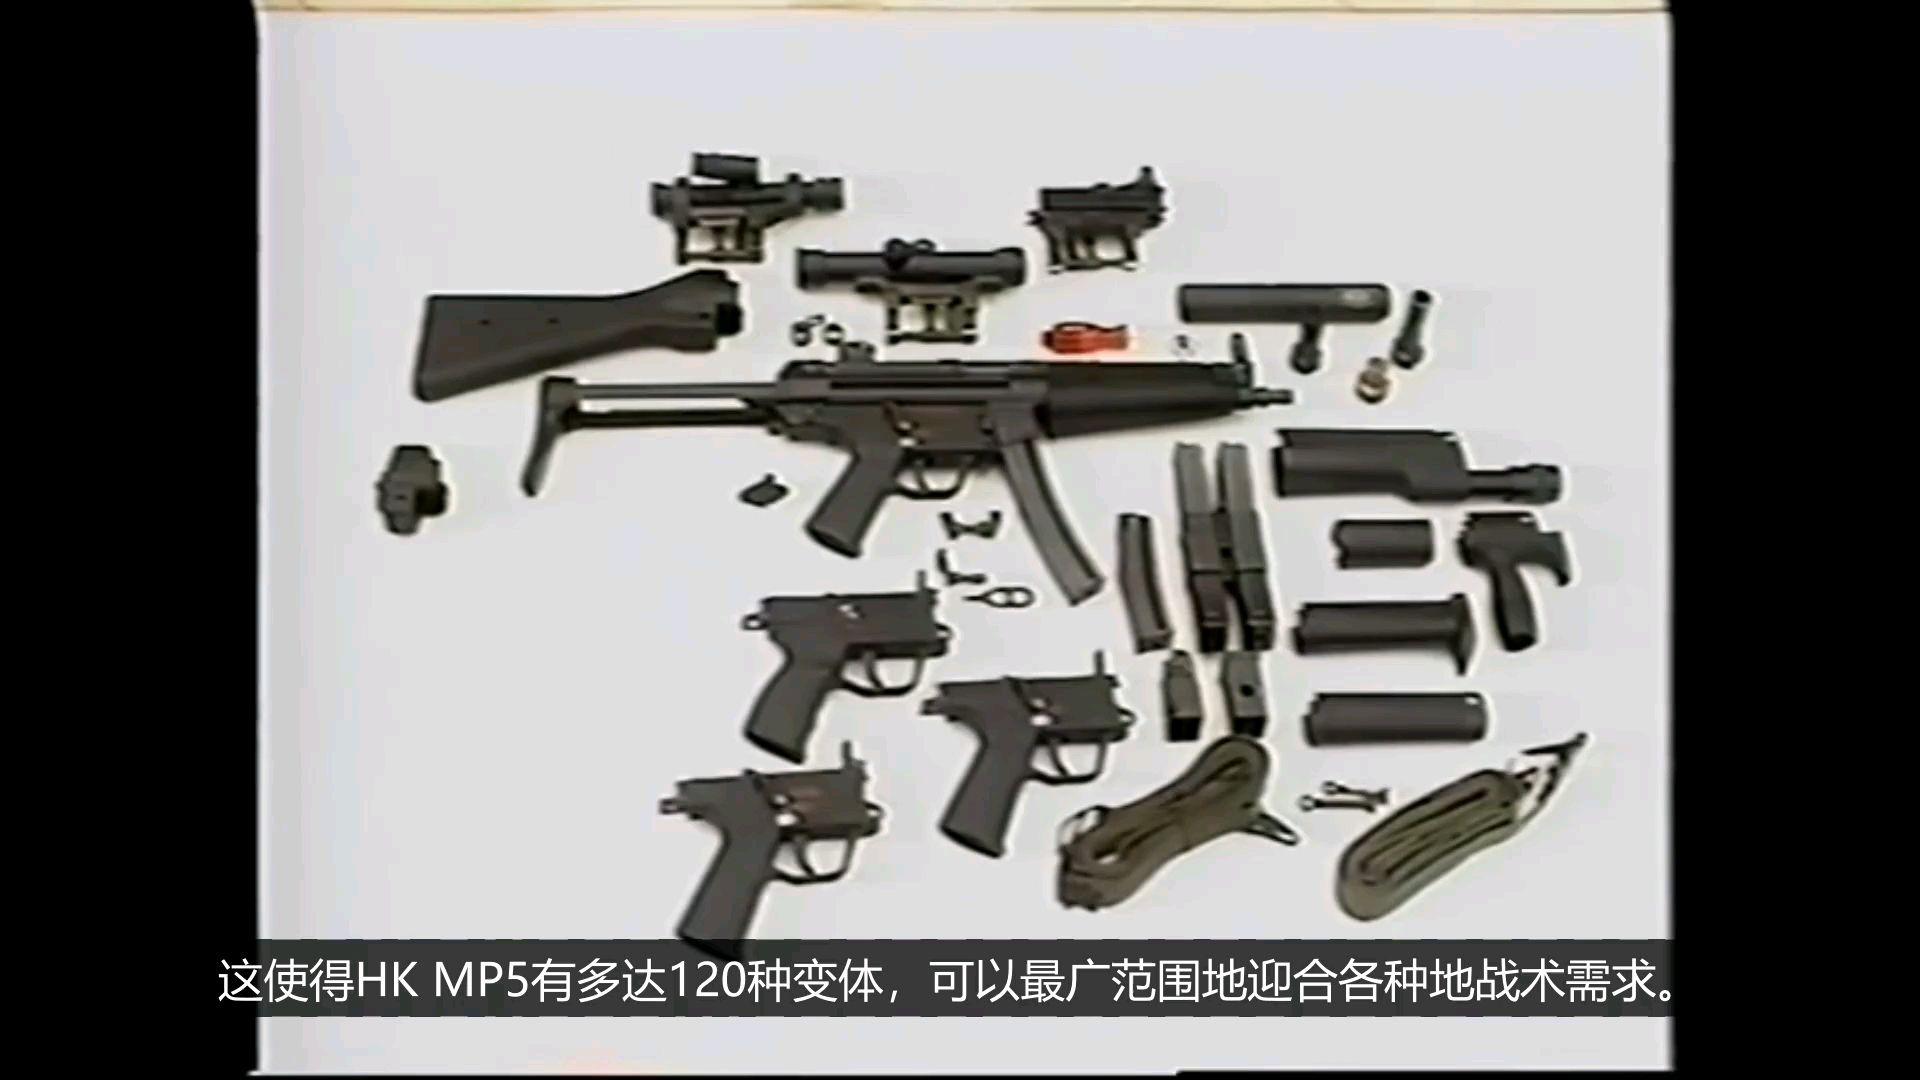 【熟肉】HK(黑克勒&科赫)武器系统巡礼(1990年代)